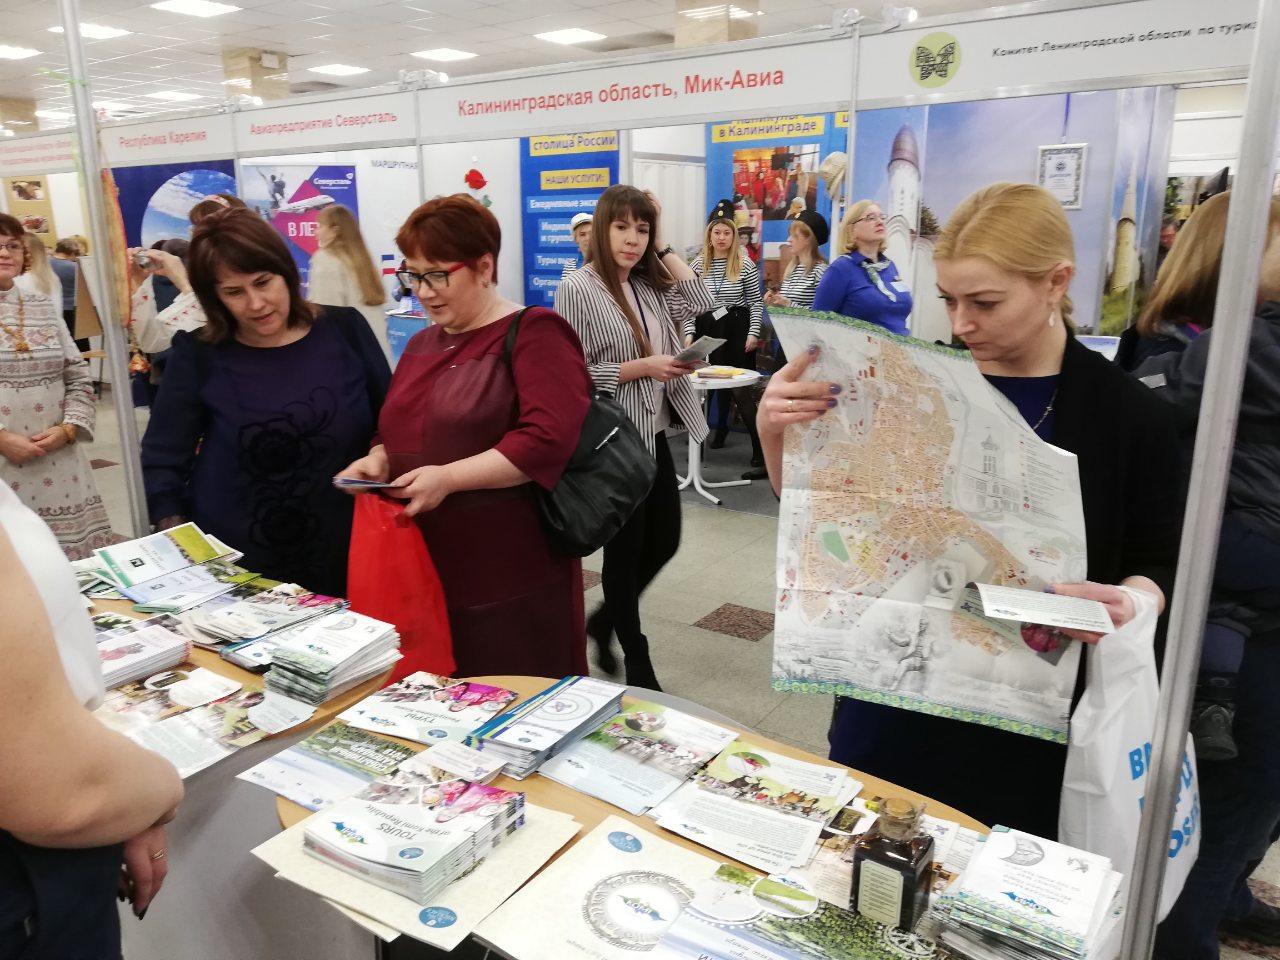 Делегация из Удорского района принимает участие в межрегиональной выставке «Ворота Севера» в Вологде